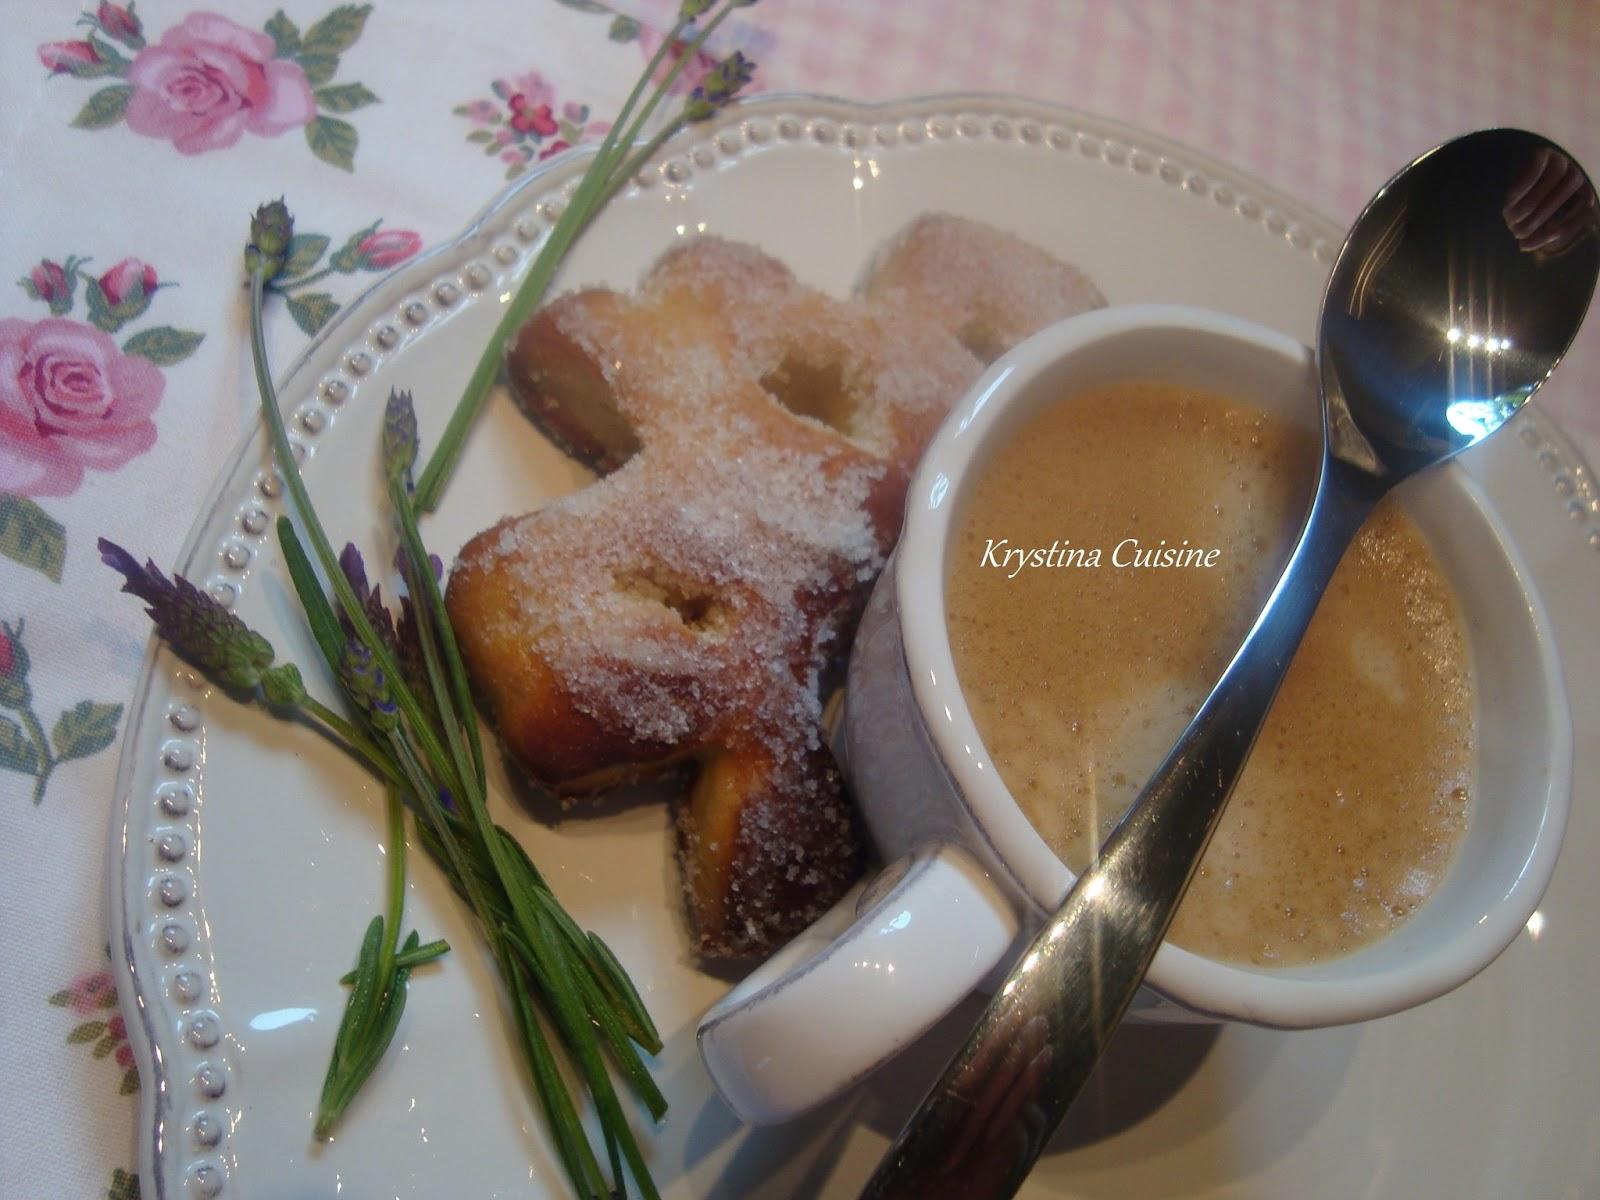 Krystina cuisine gibassier for Allez cuisine translation